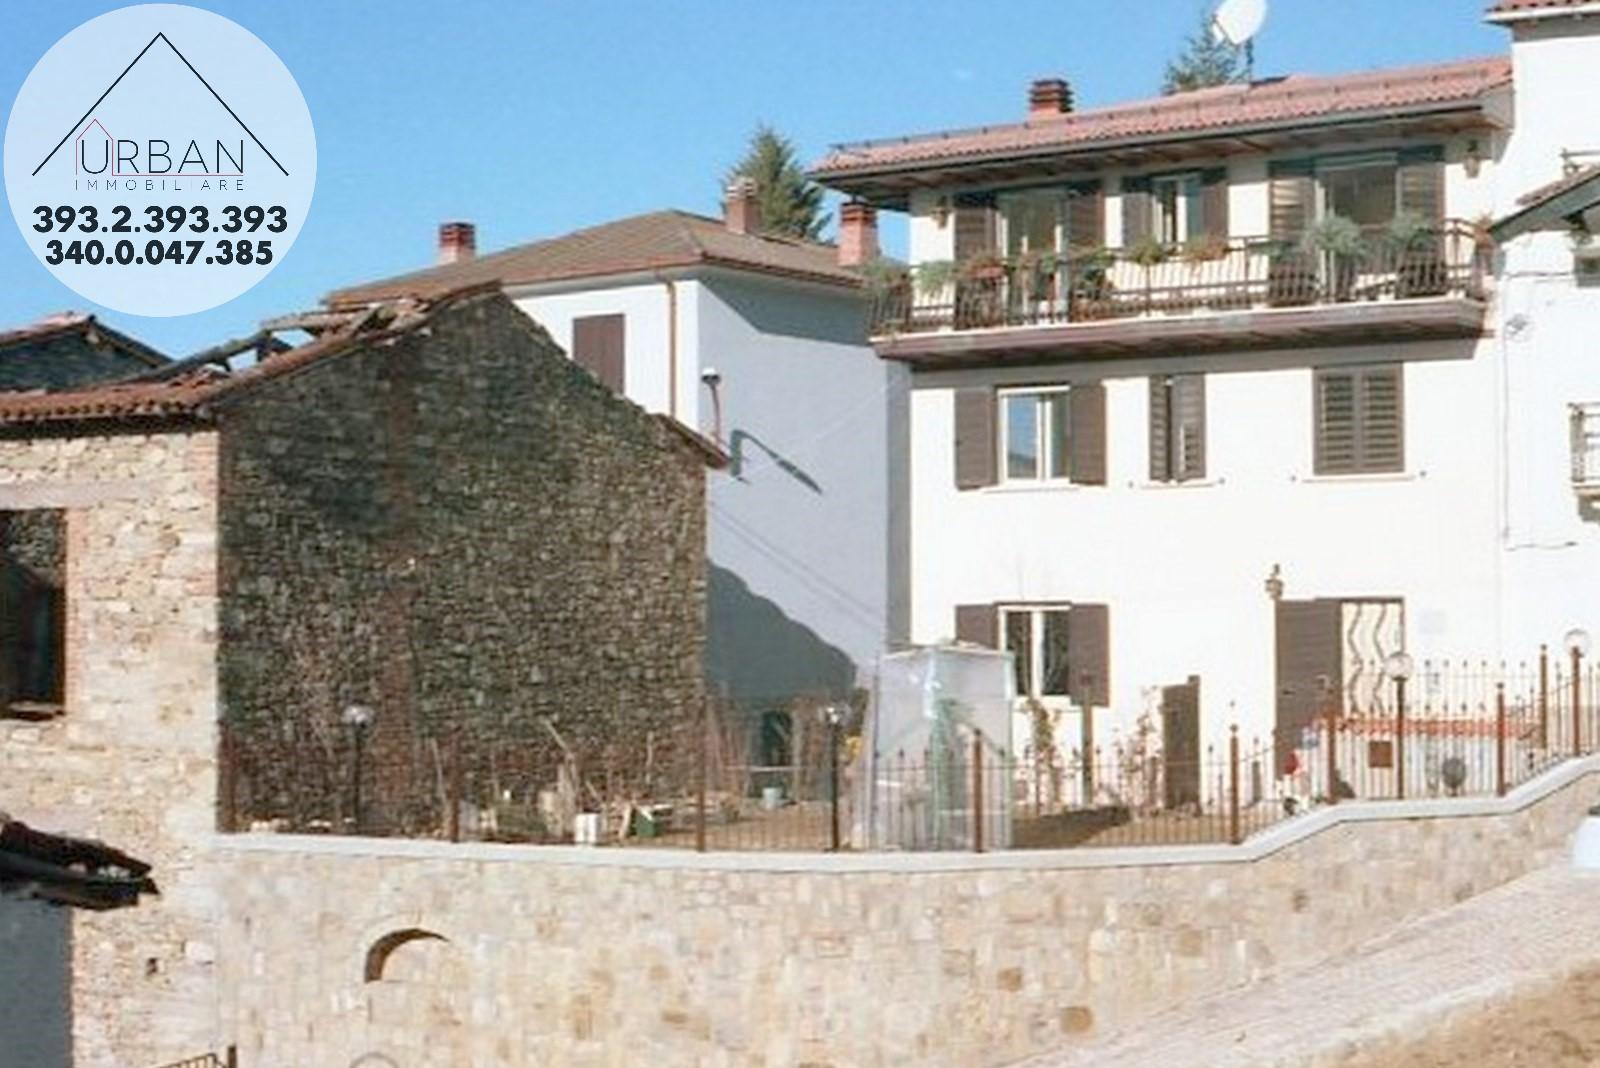 CAPITIGNANO (AQ) - Via Masciovecchio